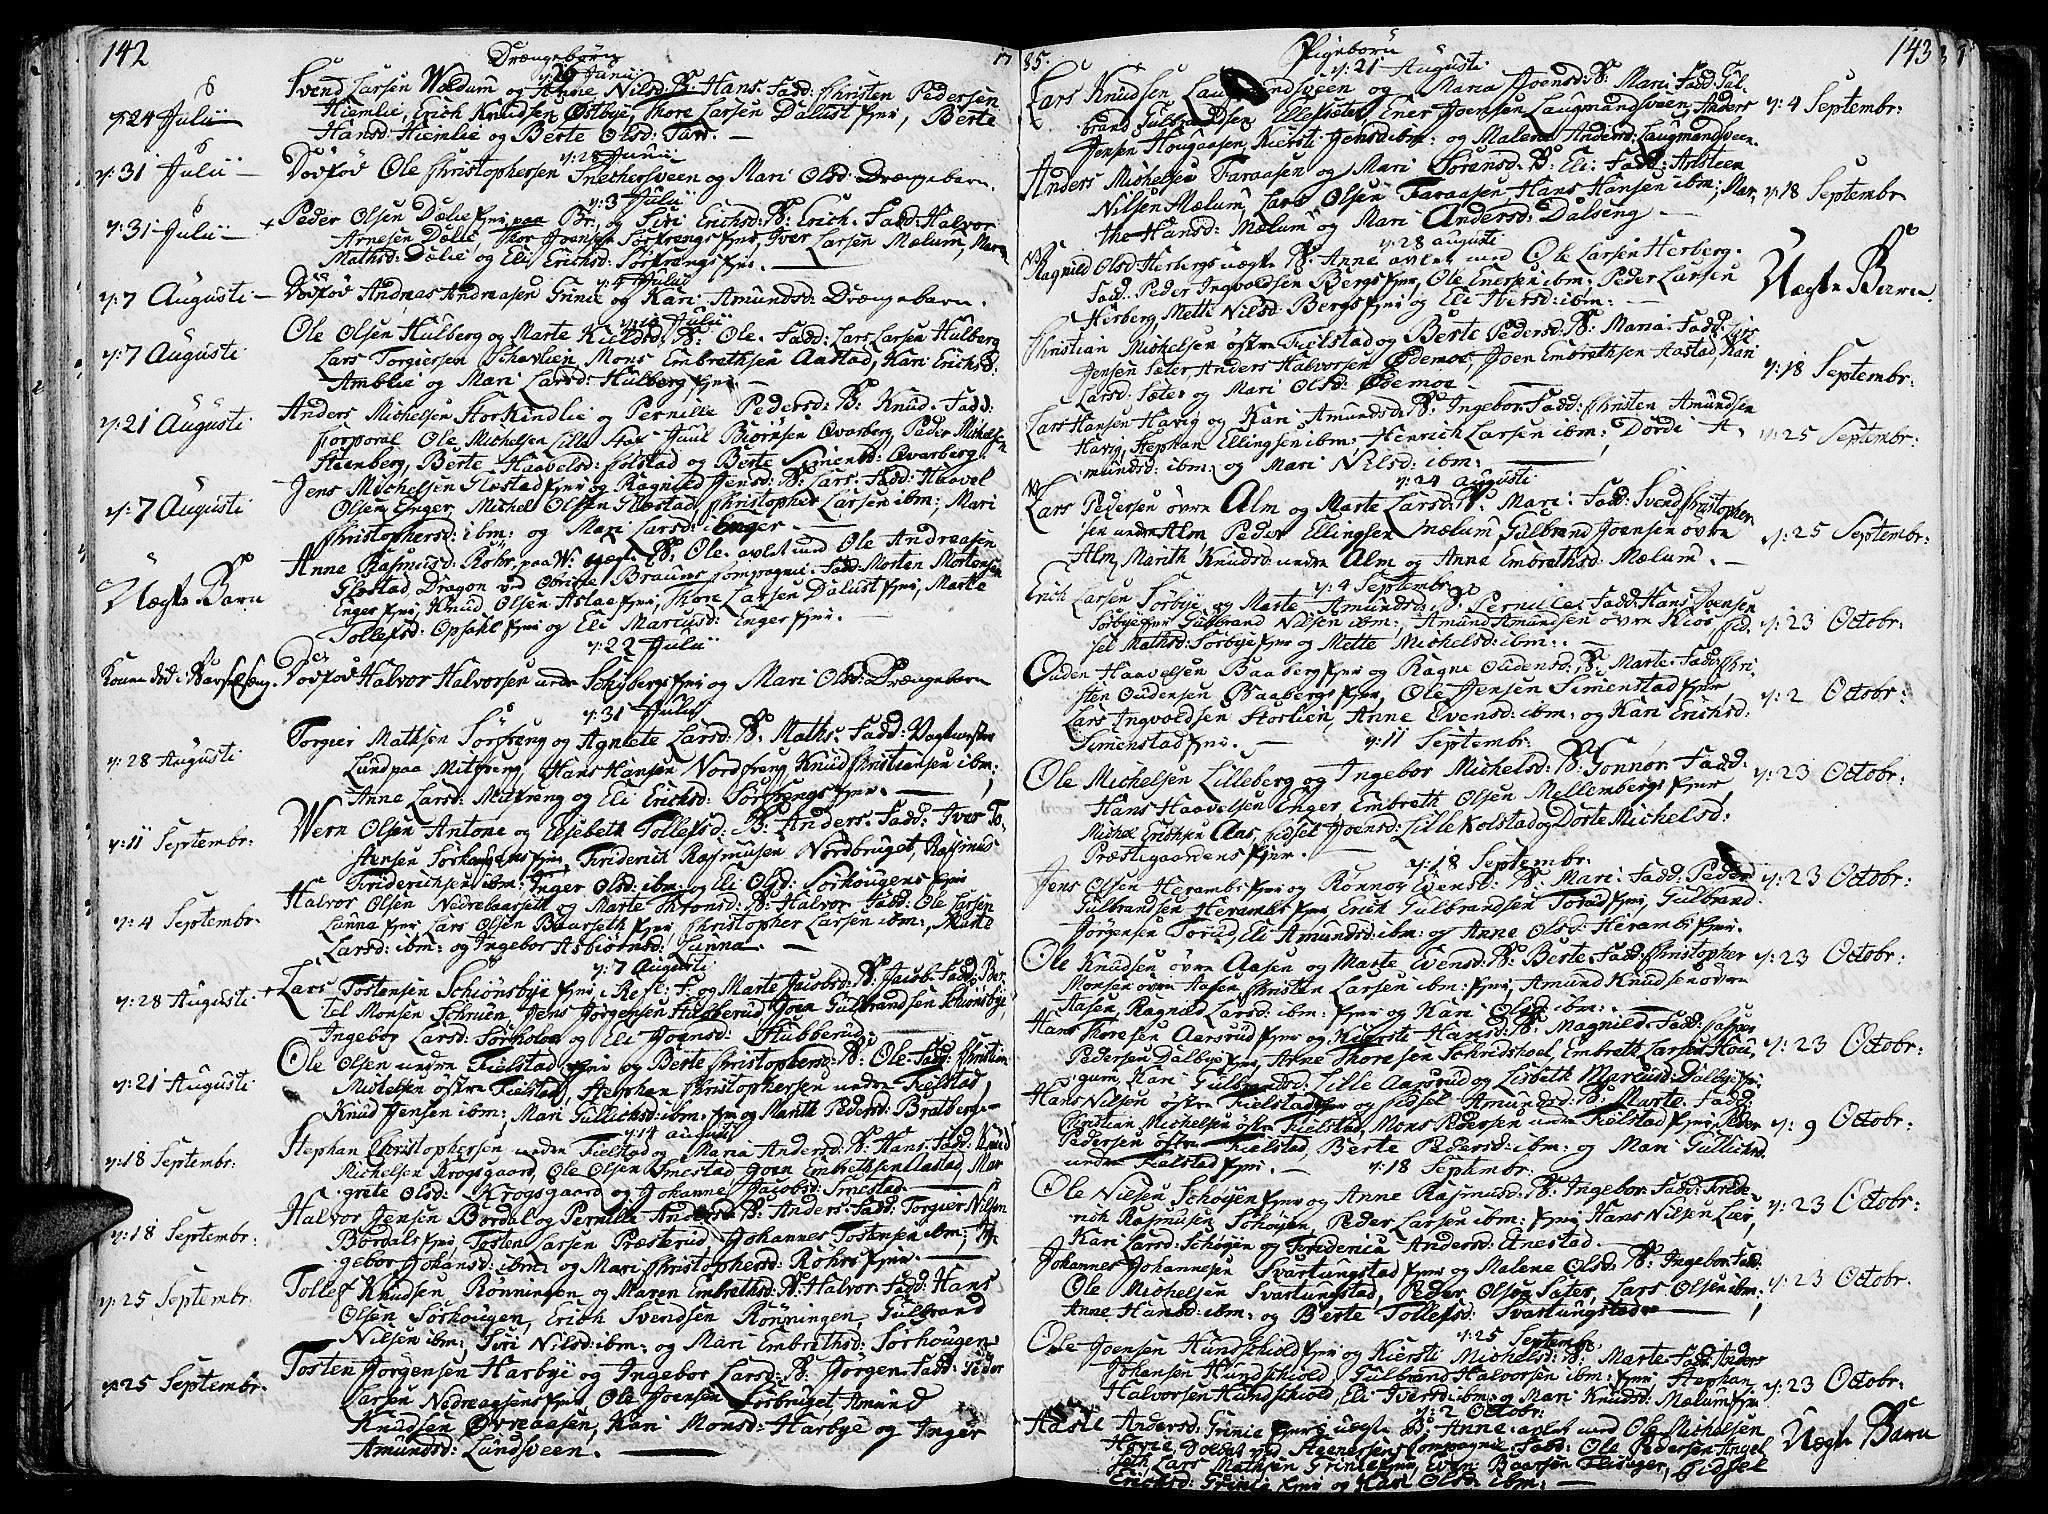 SAH, Ringsaker prestekontor, K/Ka/L0003: Parish register (official) no. 3, 1775-1798, p. 142-143